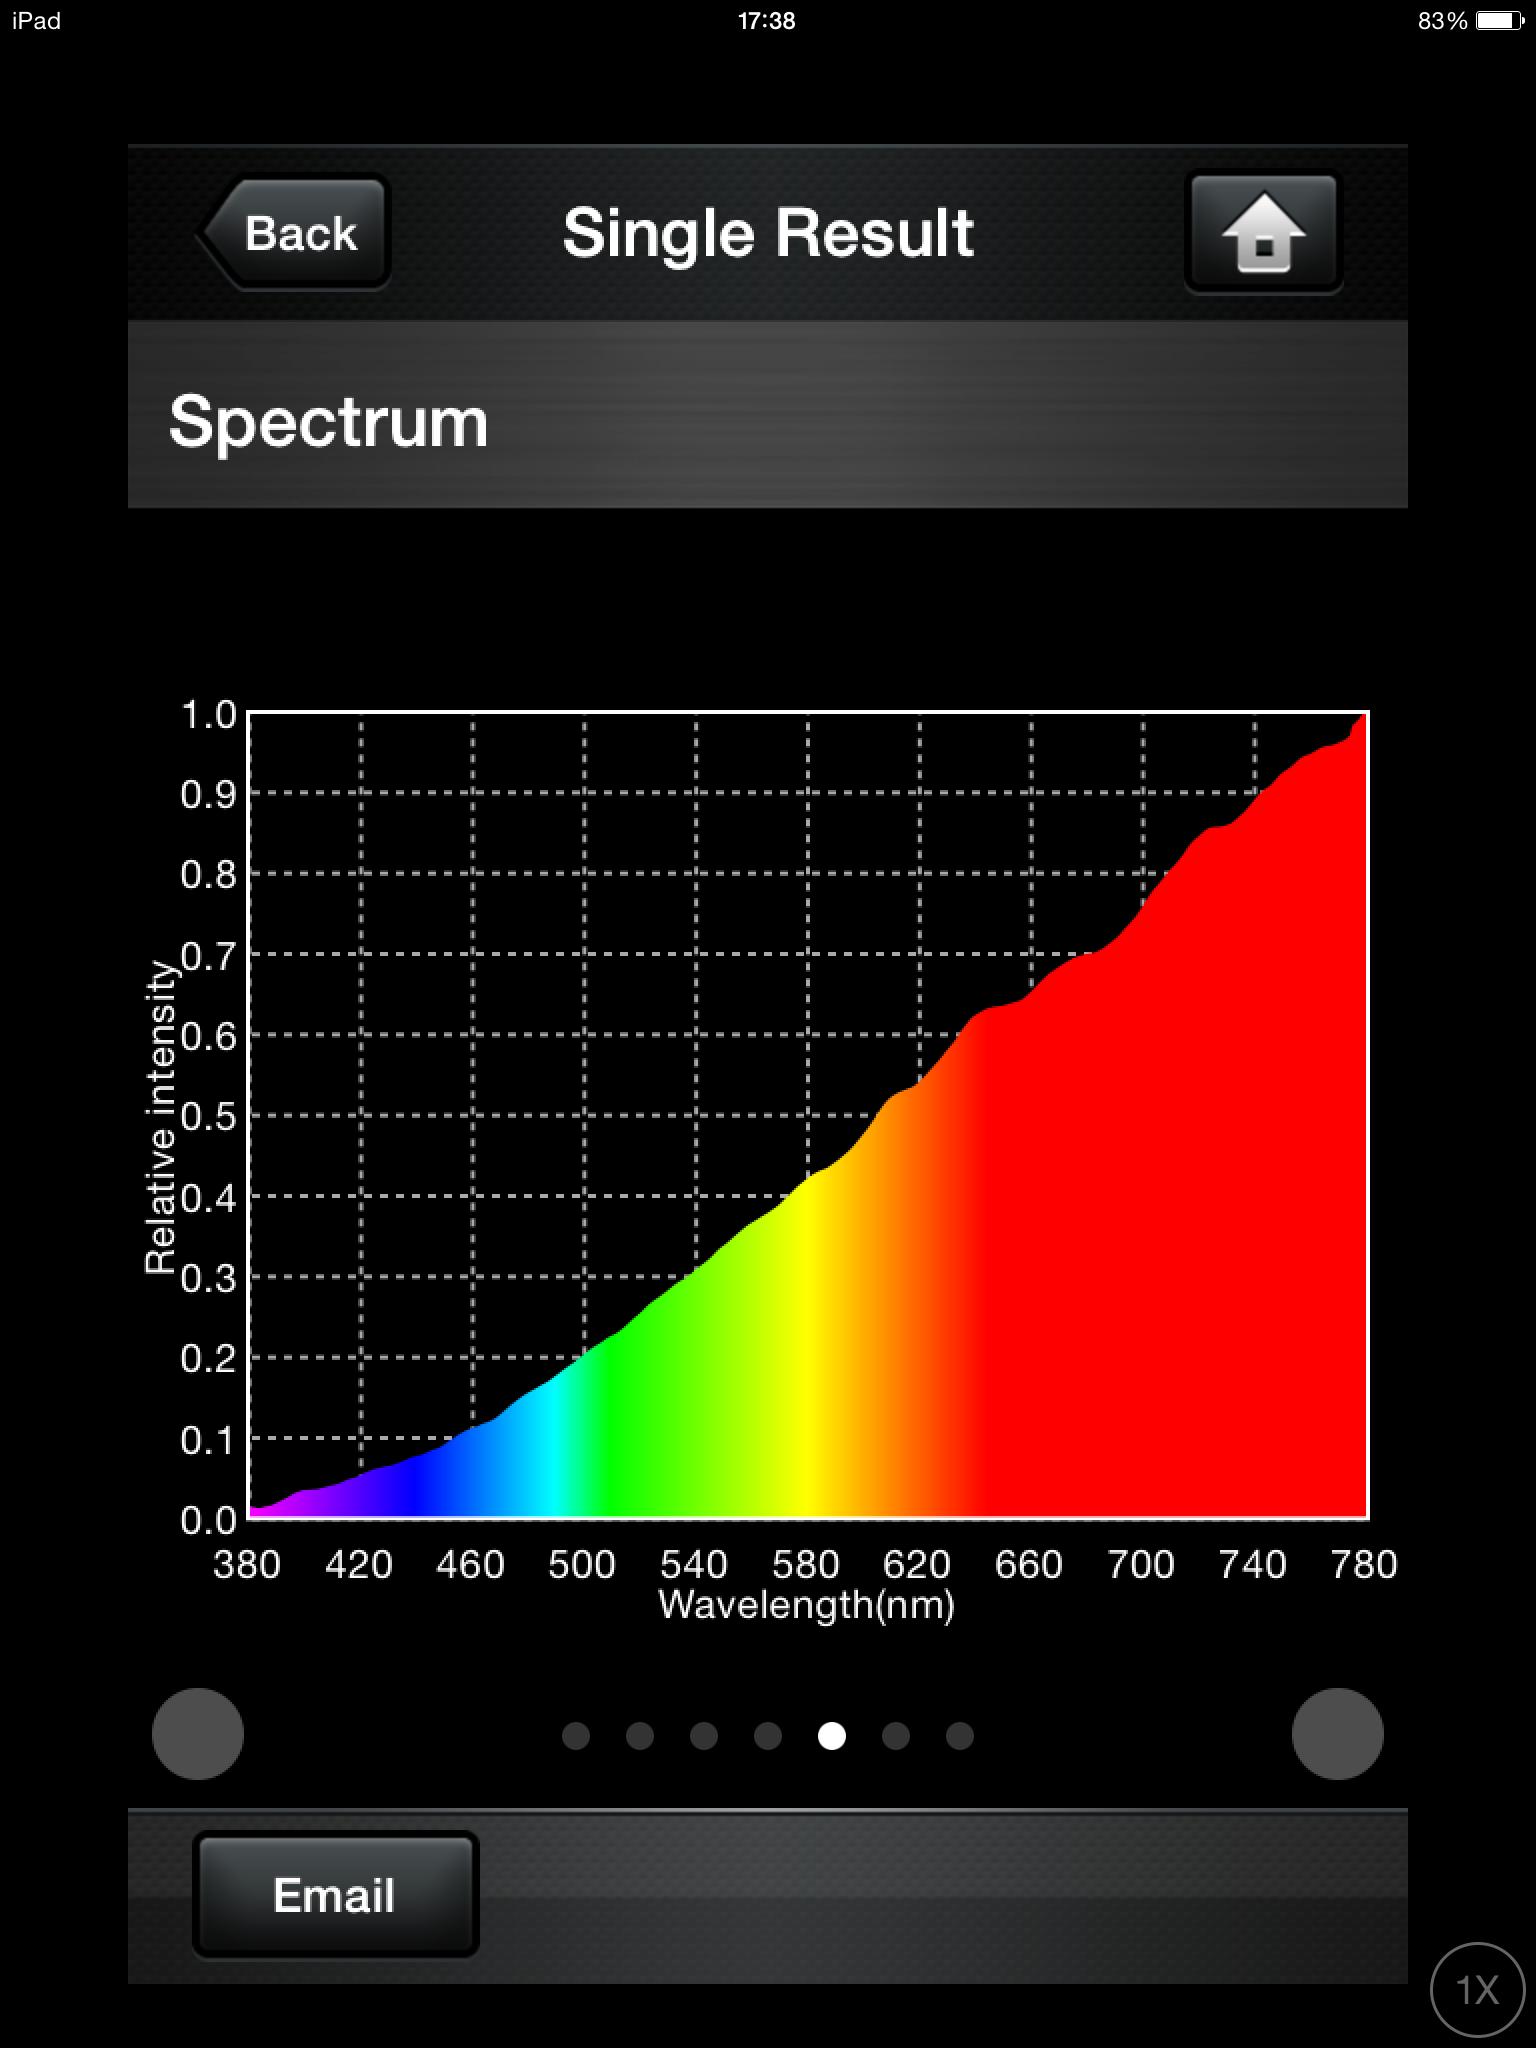 Light bulb + true nd filter